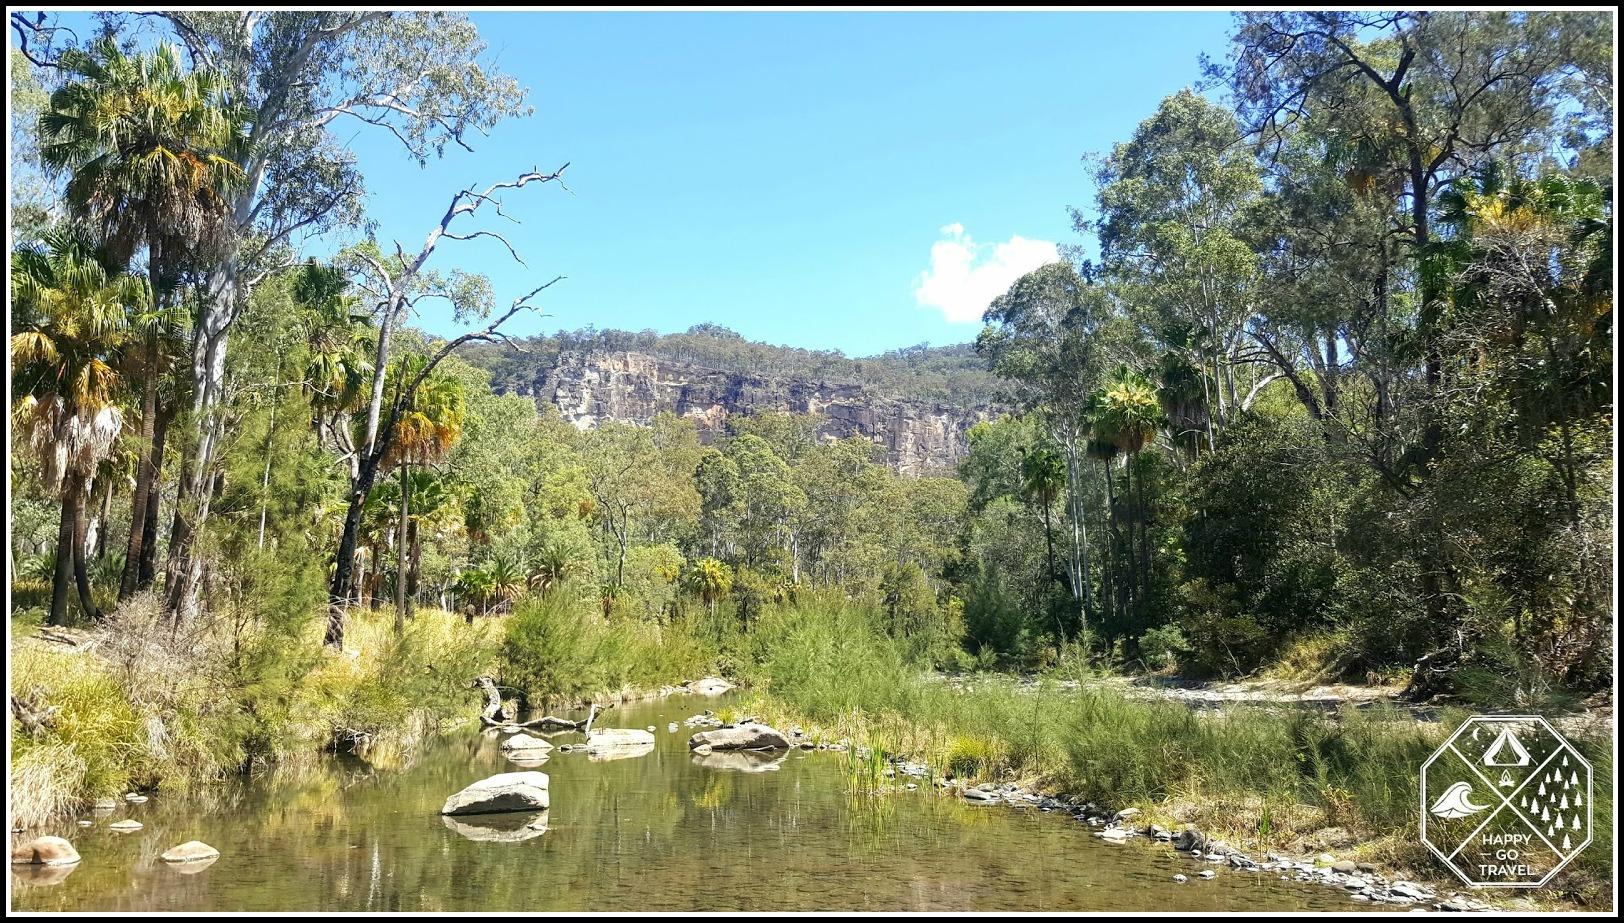 Carnarvon Gorge Queensland